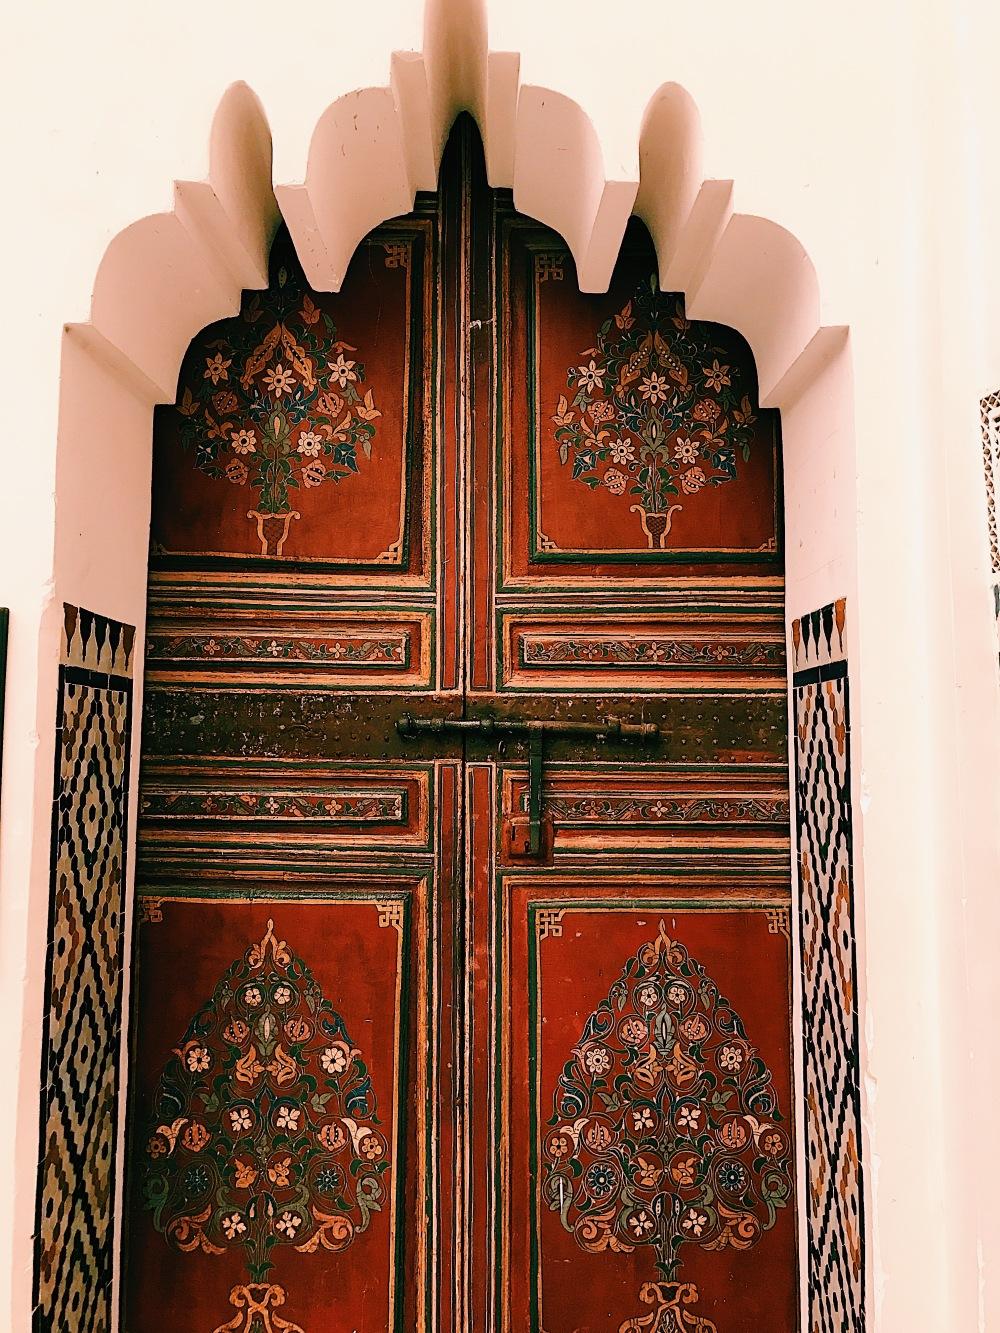 Museum of Marrakech colorful doors